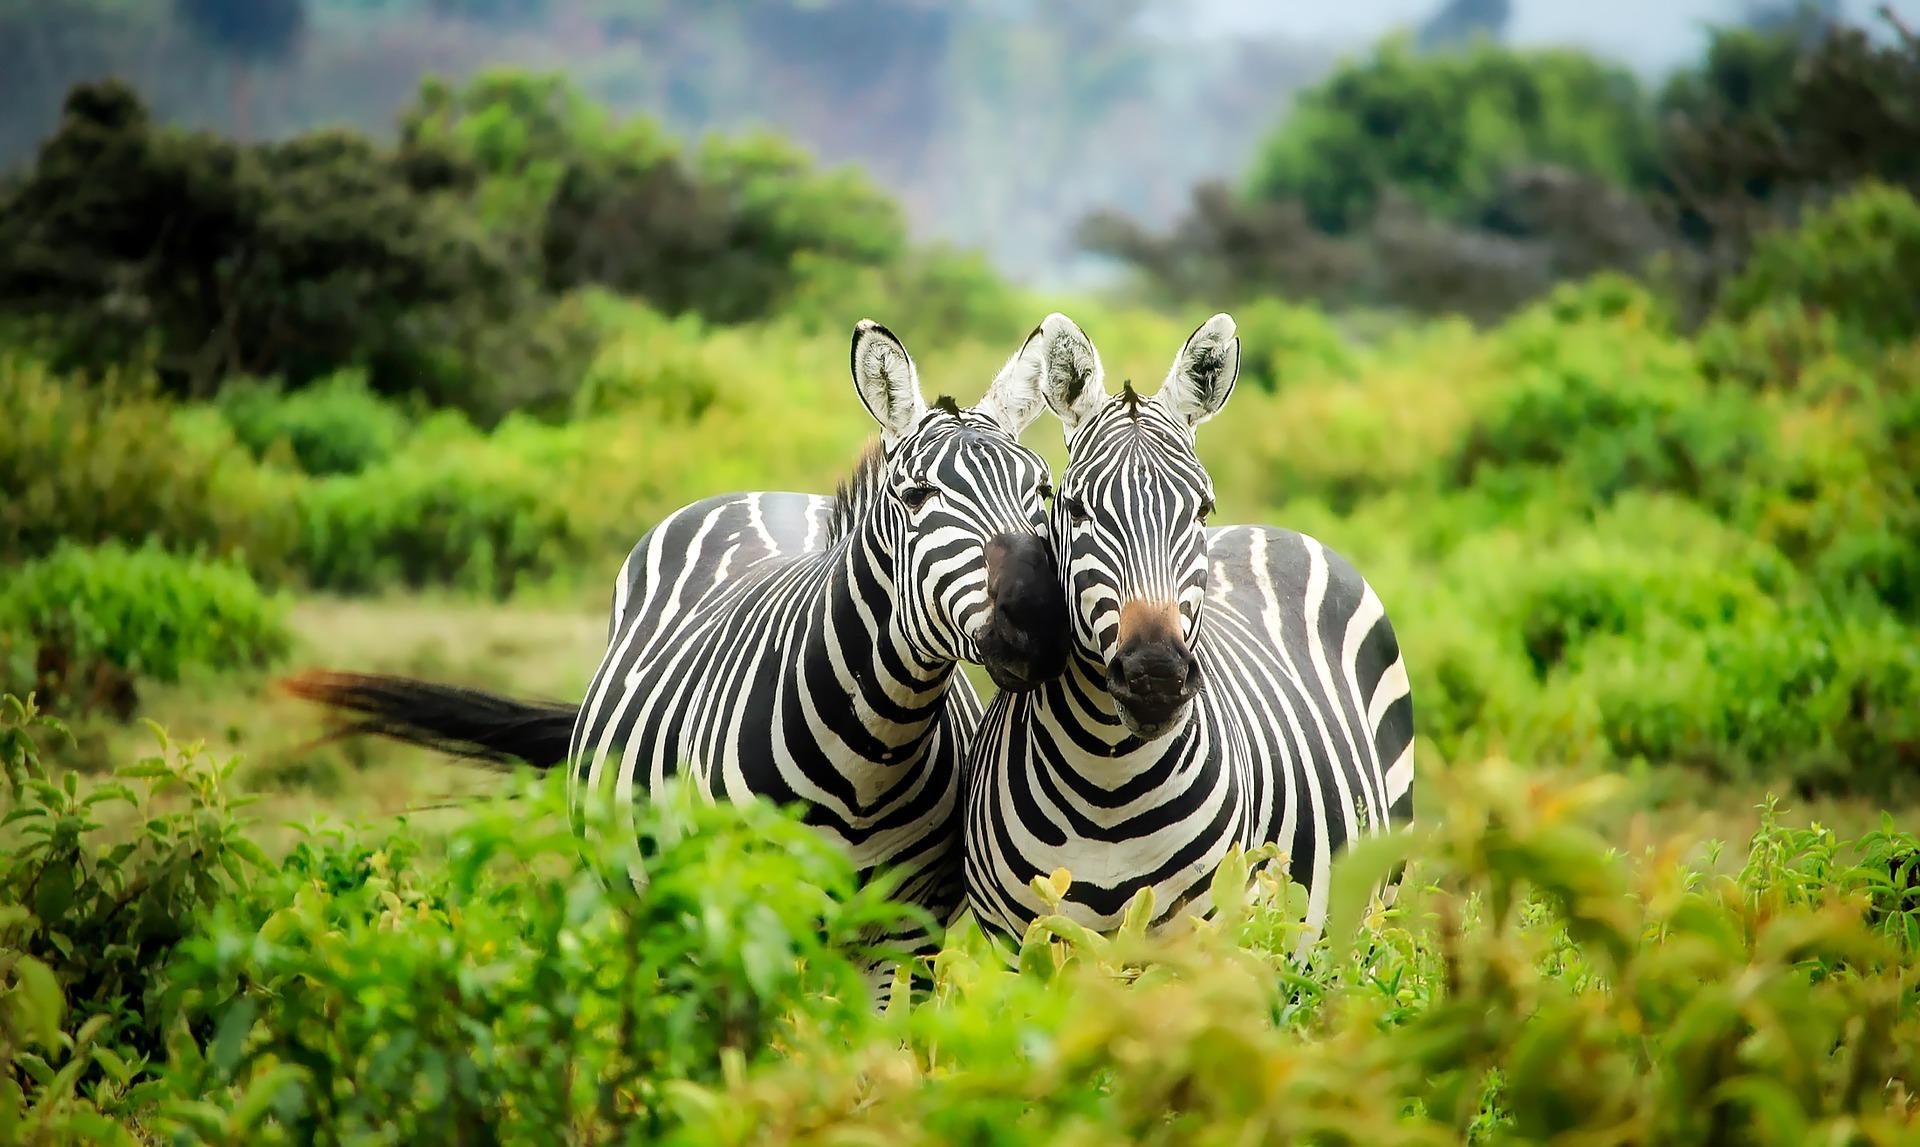 Zašto zebre imaju pruge?Zbog zaštite od muha